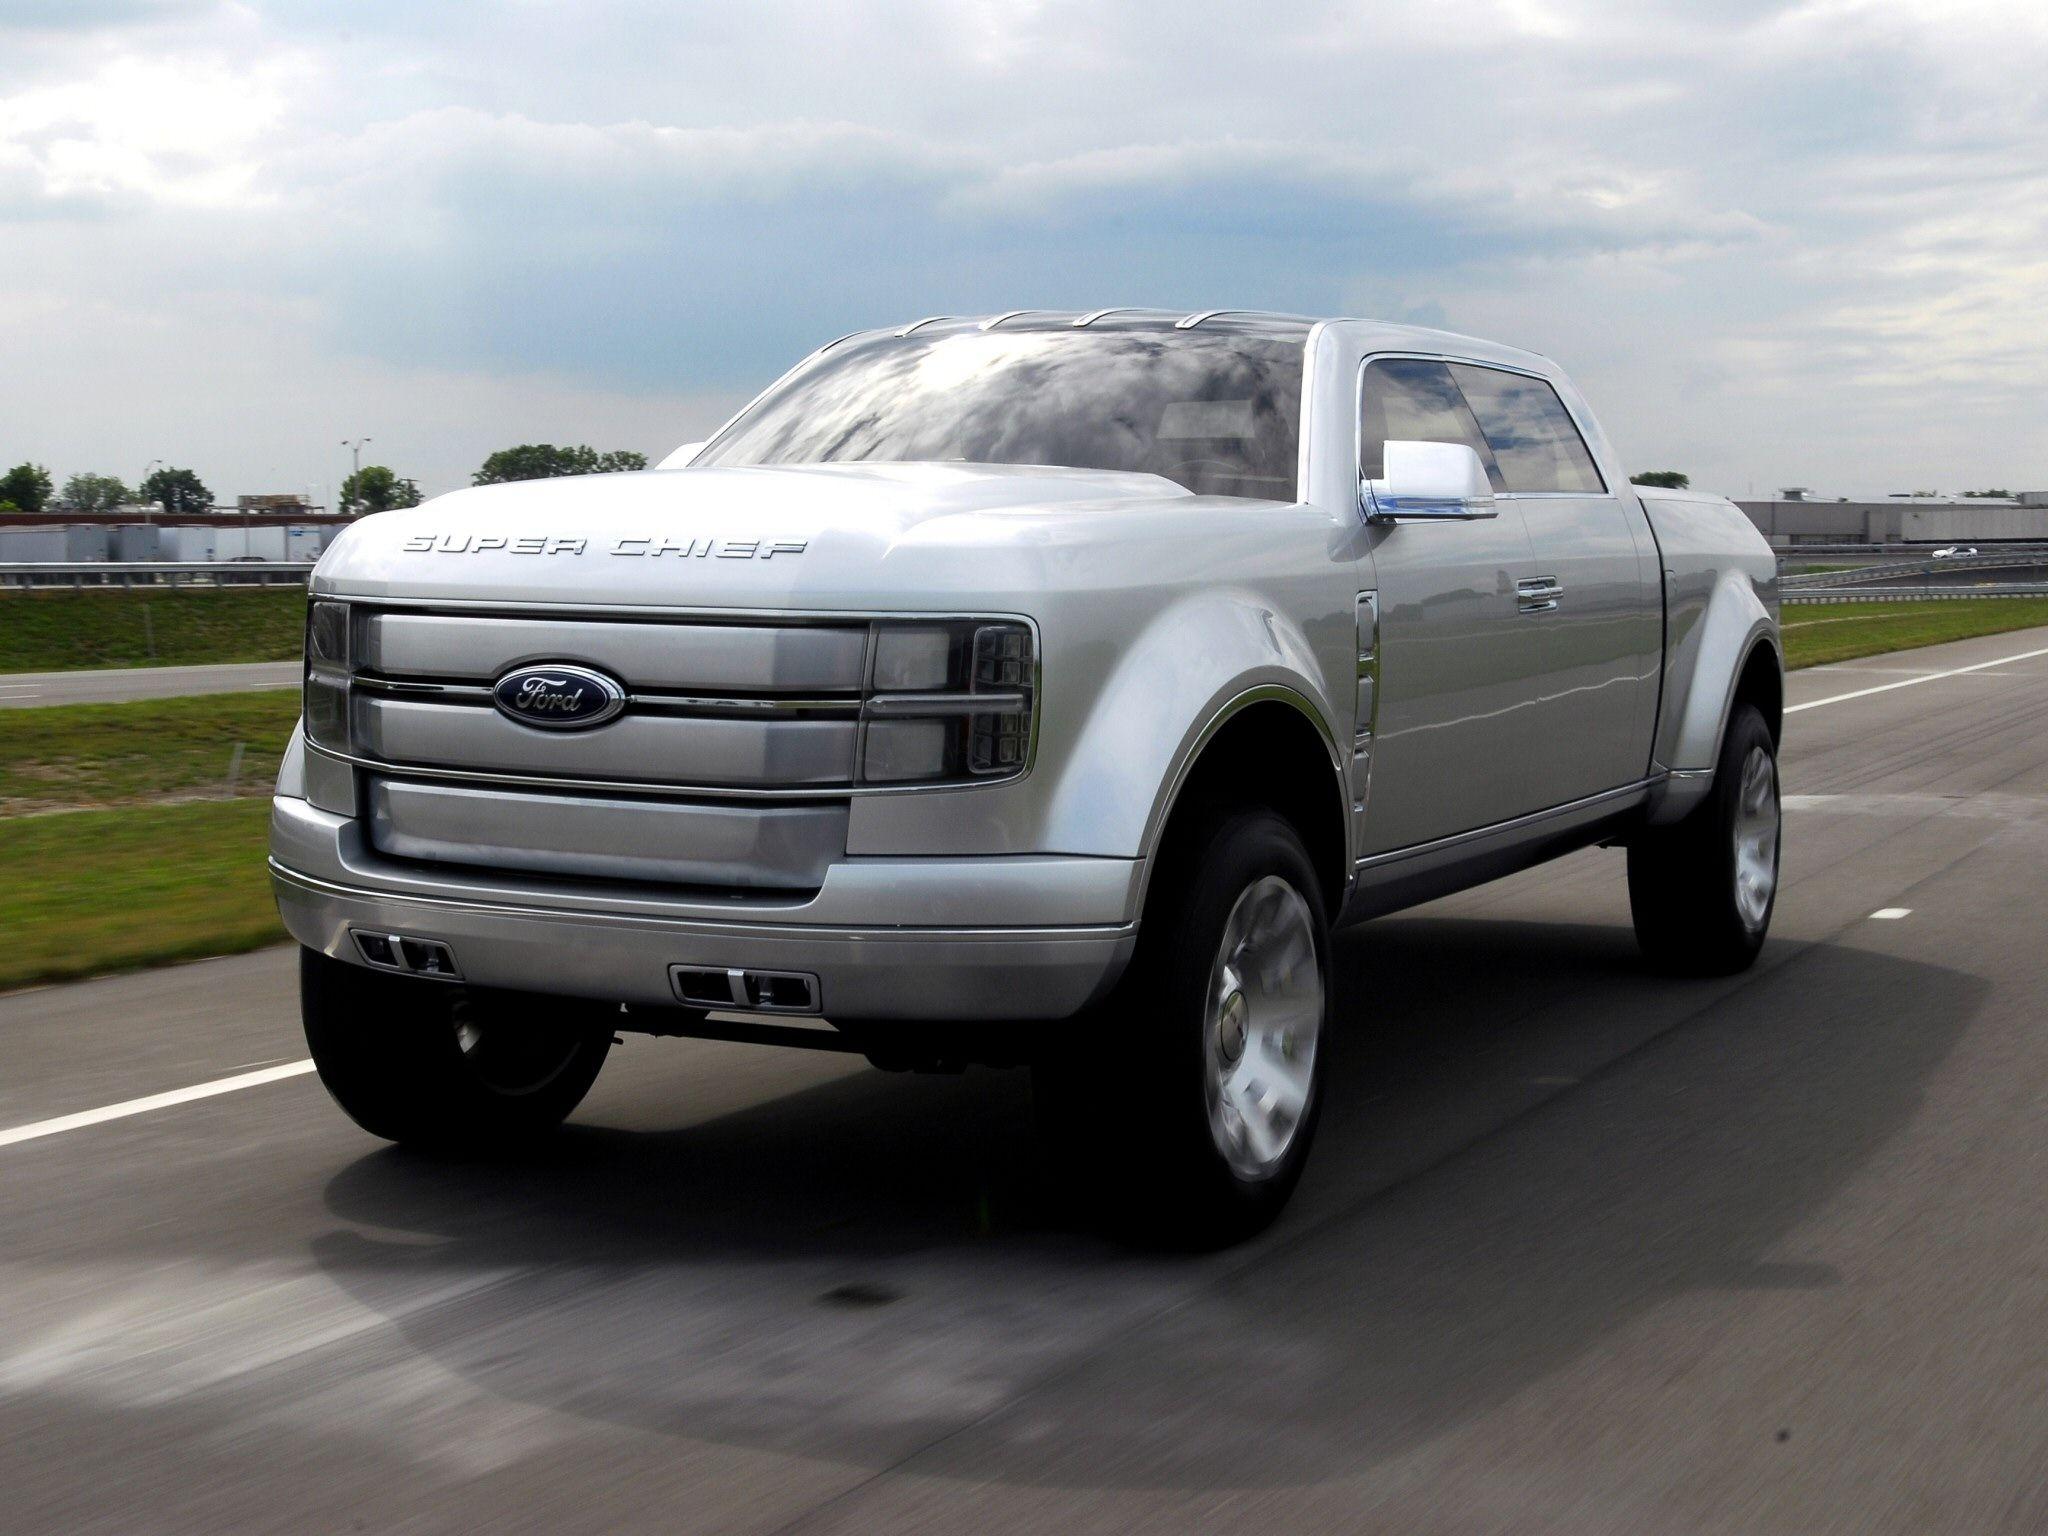 2020 Ford Super Chief Price